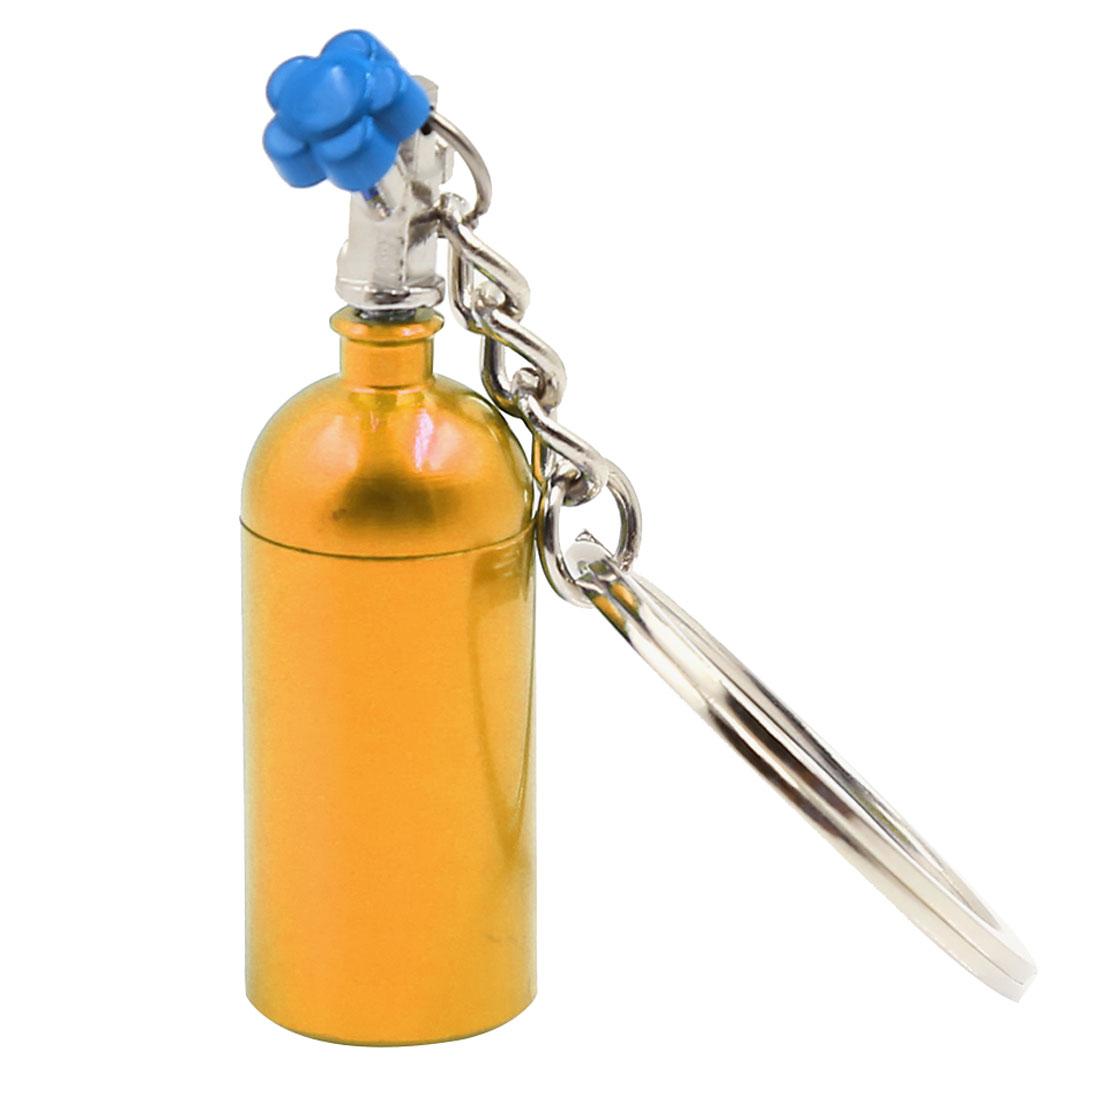 Turbocharged Bottle Pendant Split Ring Keyring Keychain Decoration Gold Tone